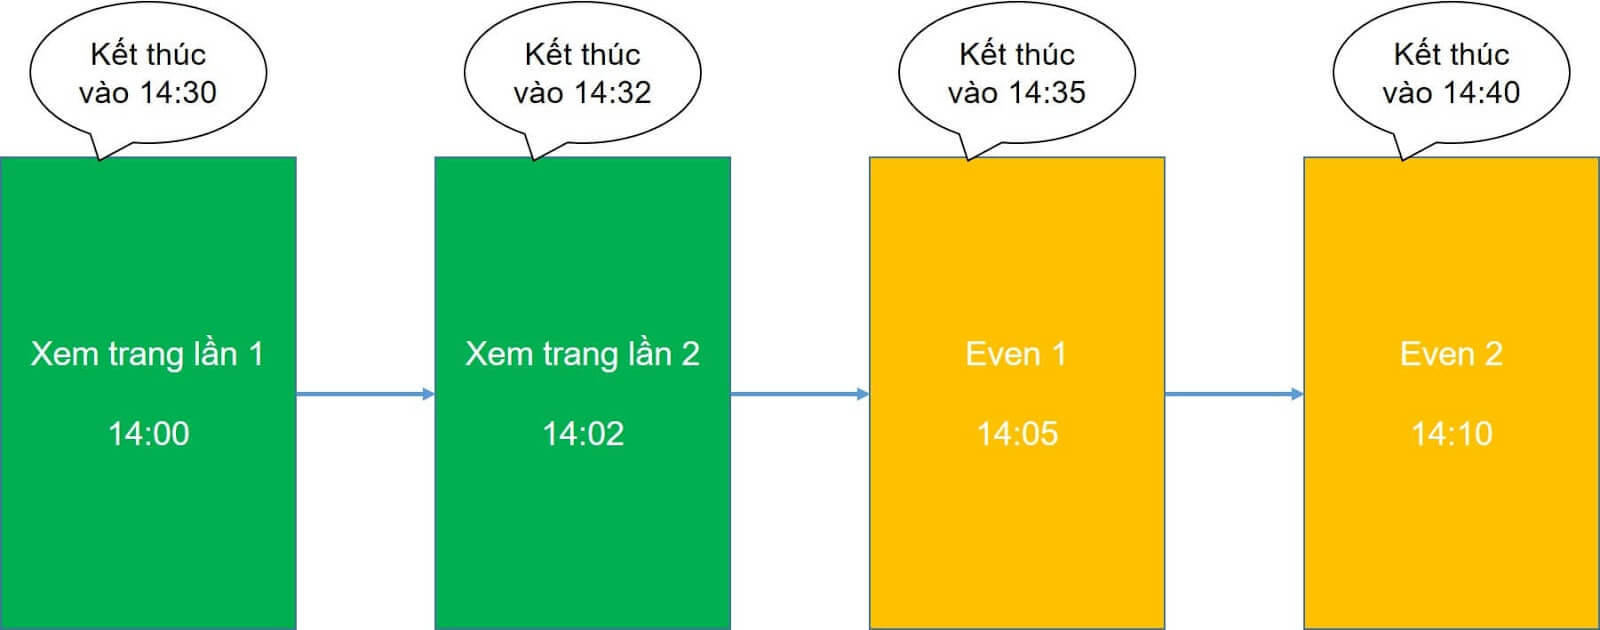 Cách tính Session trong Google Analytics